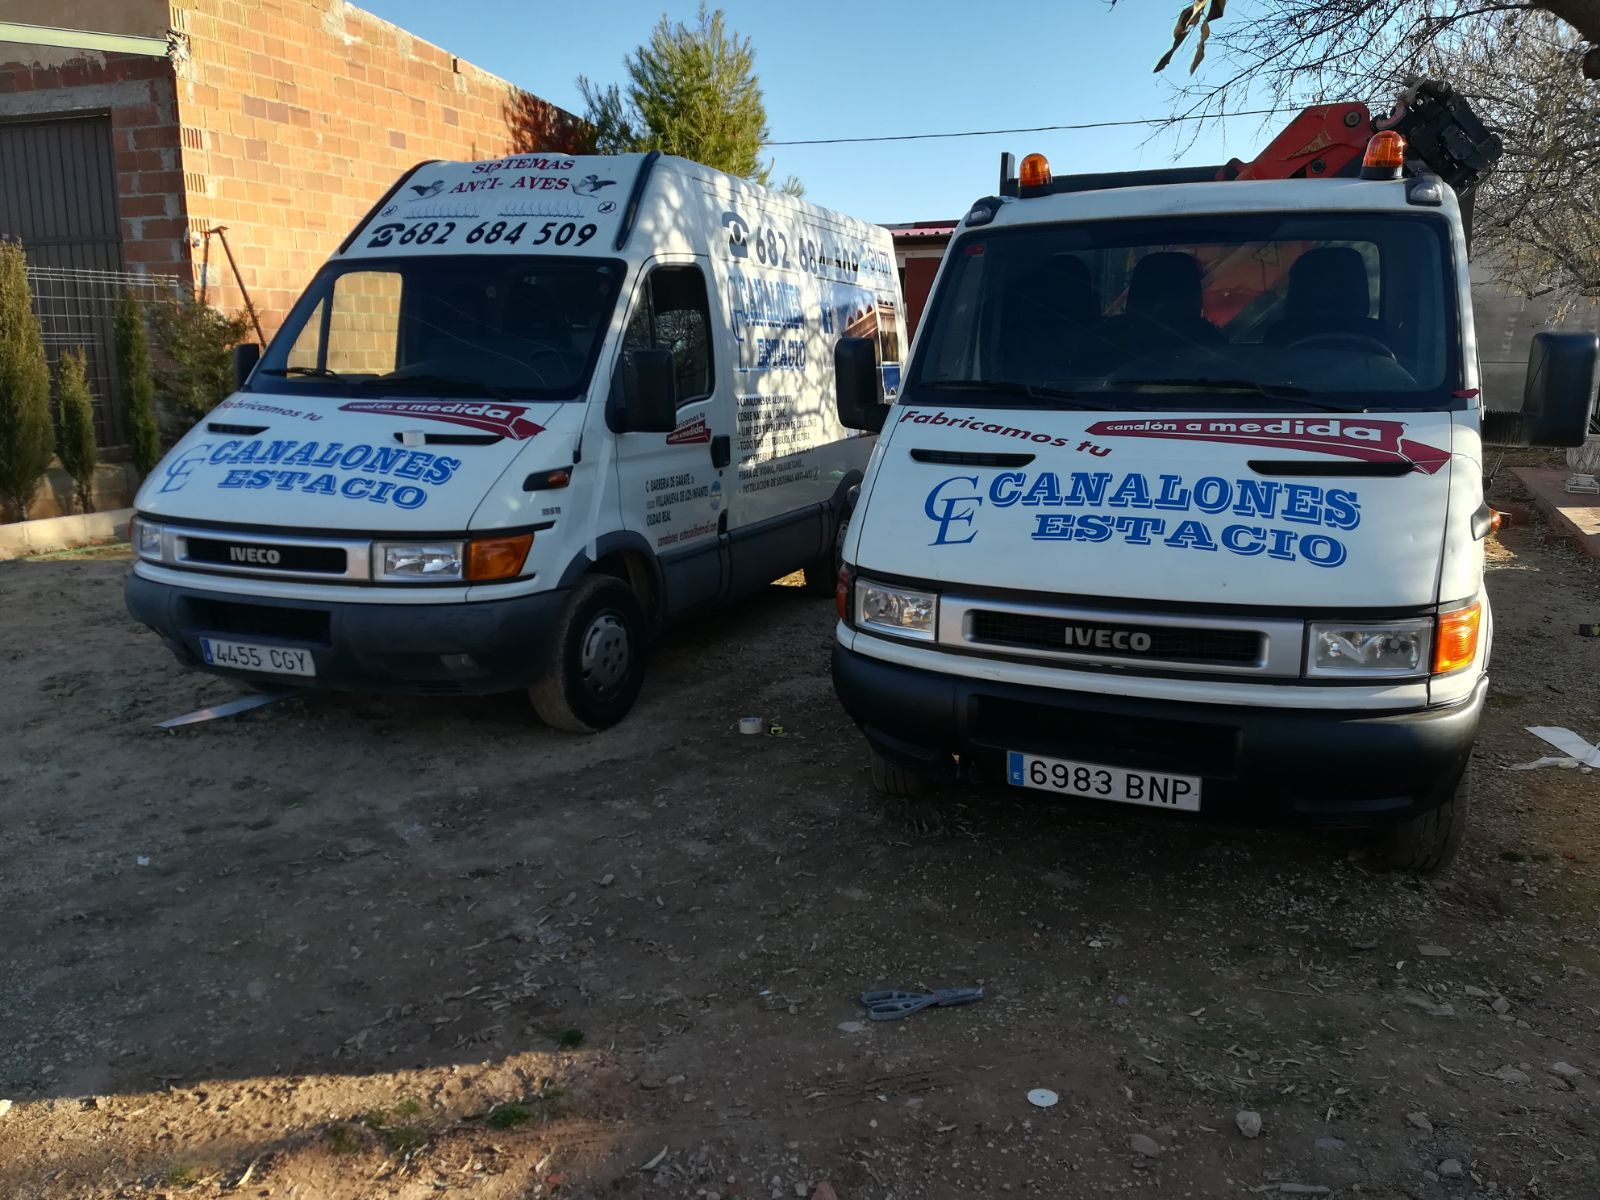 Desplazamiento provincias limítrofes: Servicios de Canalones Estacio